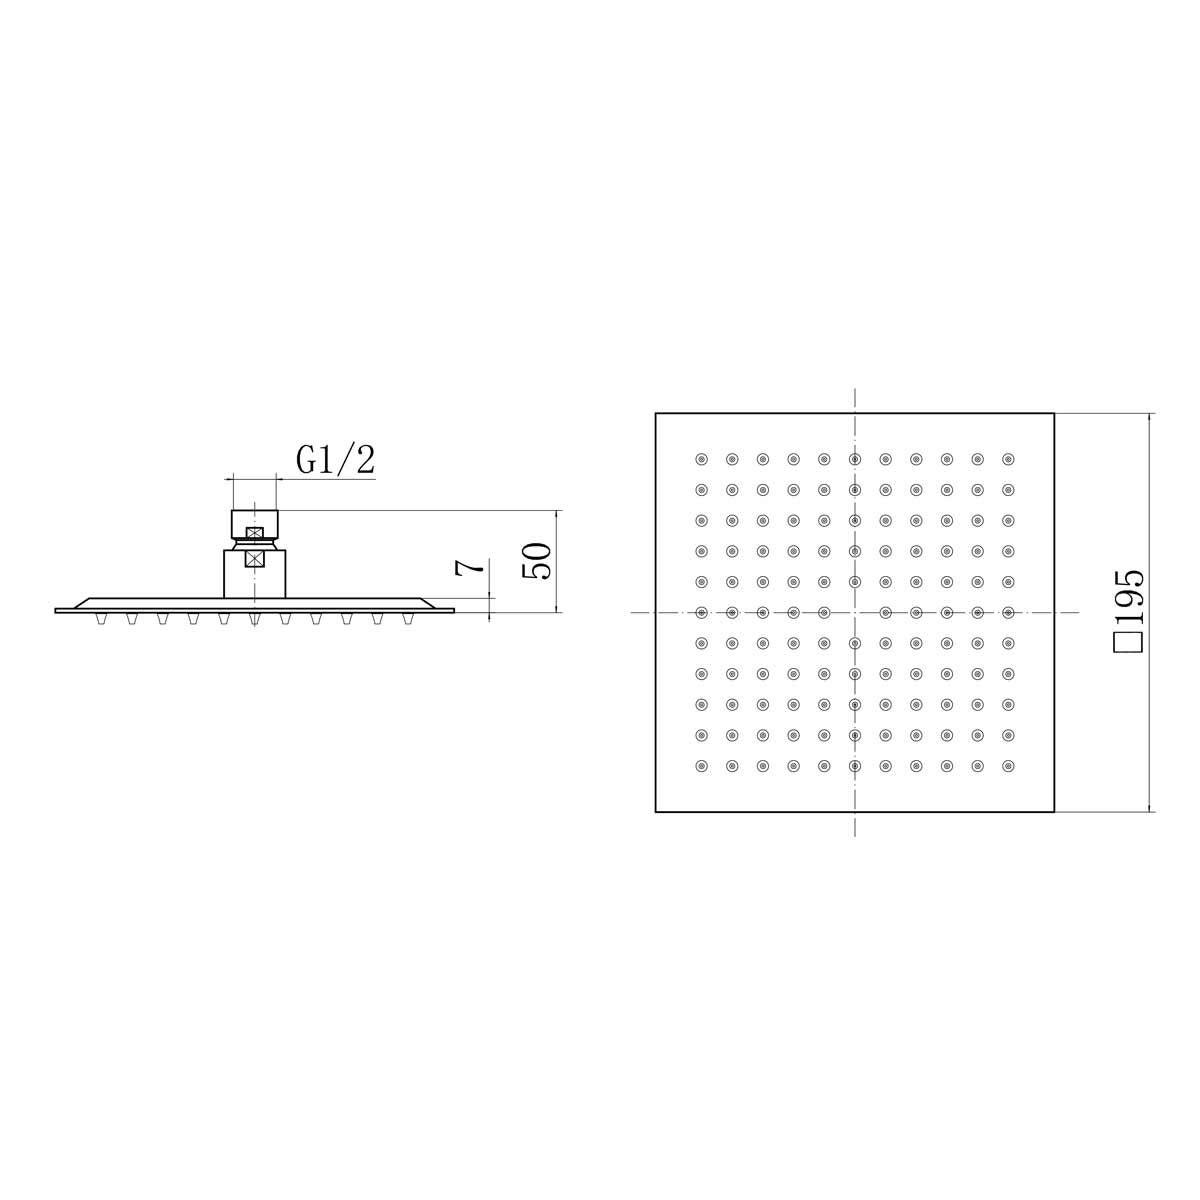 bordothermostatictripleconcealedshowervalvesystemwithfixedshowerheadtech2